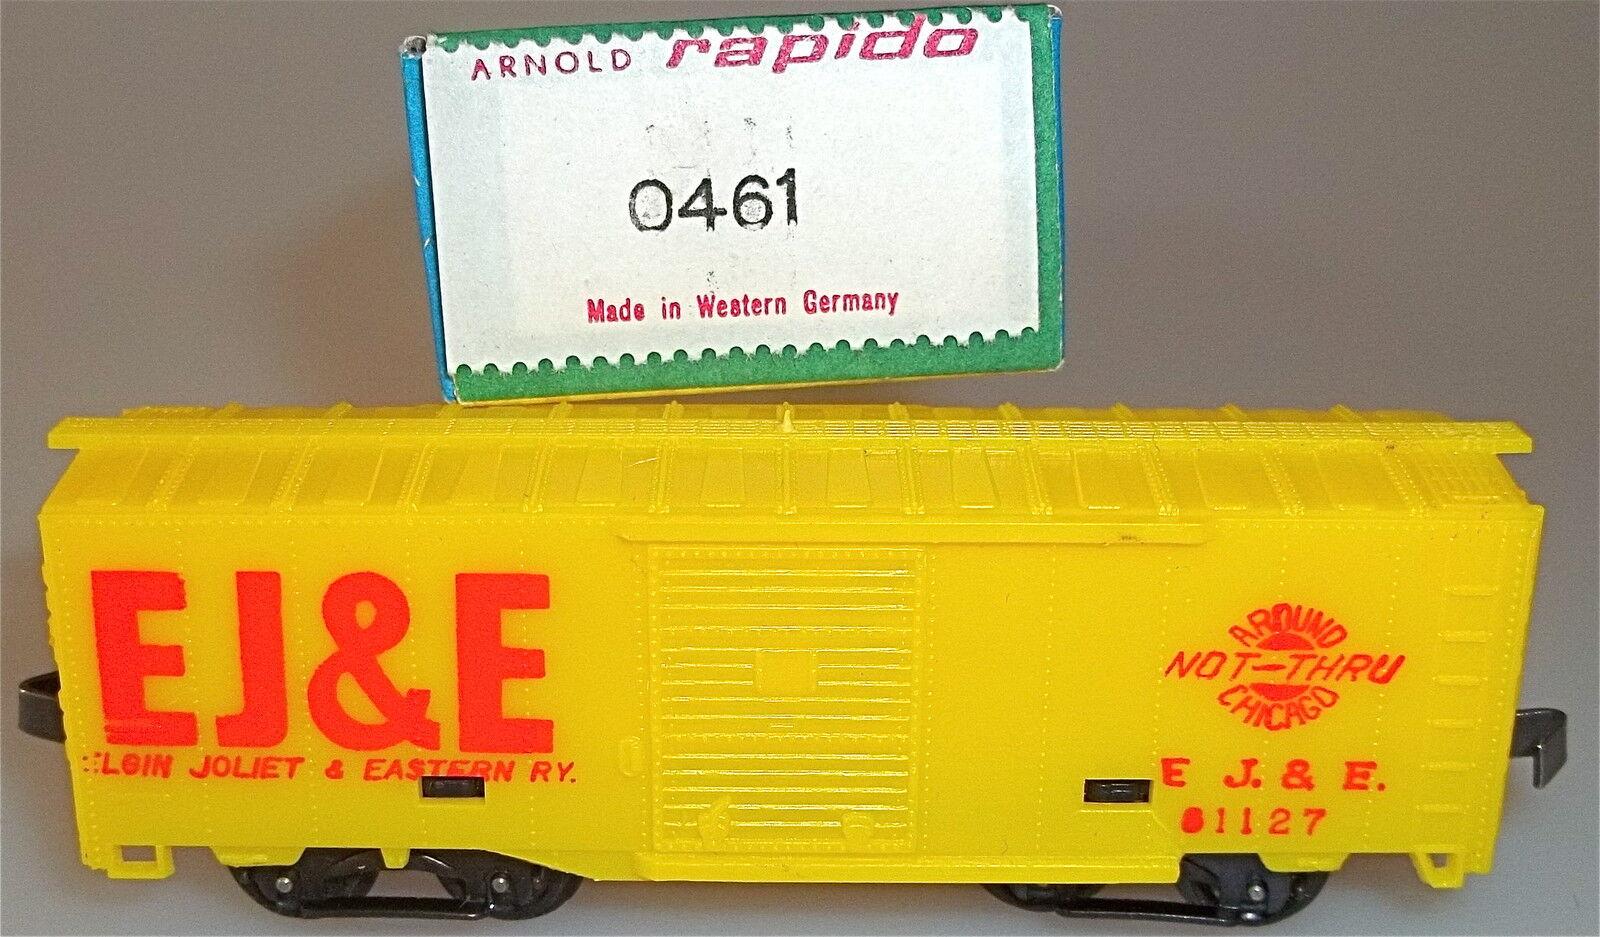 & E Eloin Joliet Rapido 200 Arnold 0461 Hook N 1 160 Original Package Å